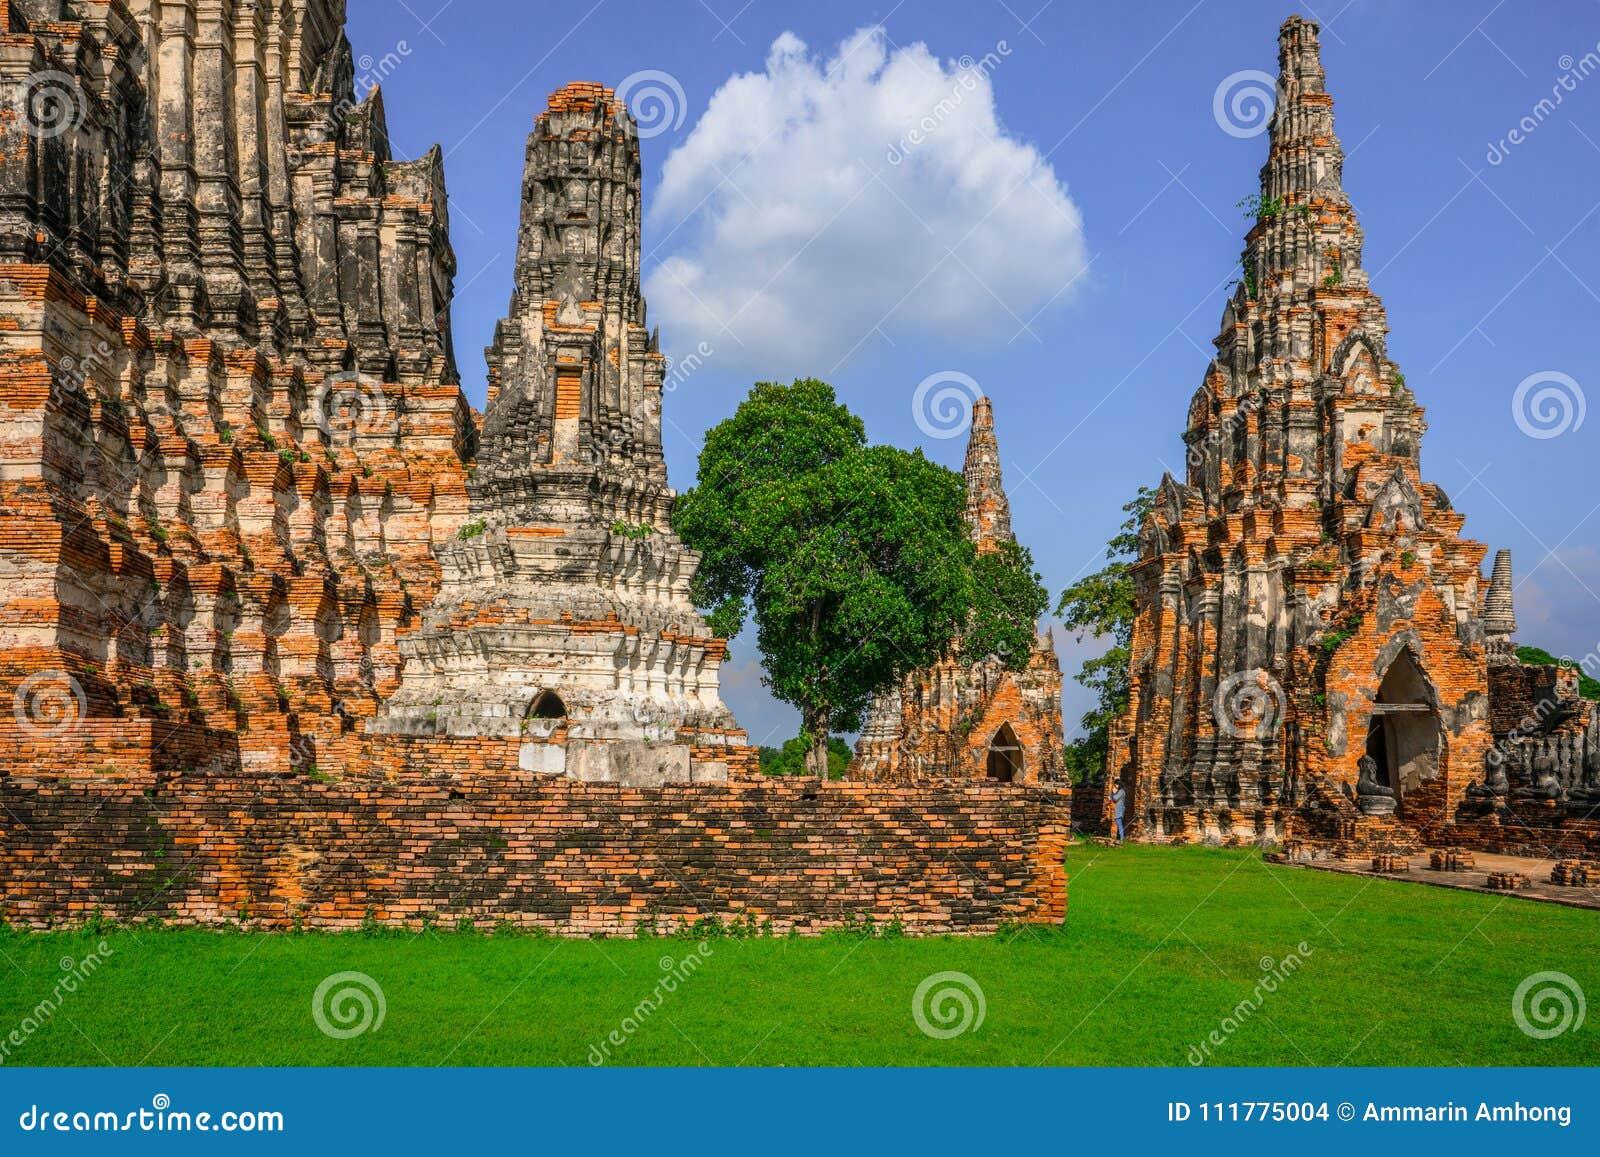 Adoración de Tailandia, estatua de Buda, historia de Tailandia